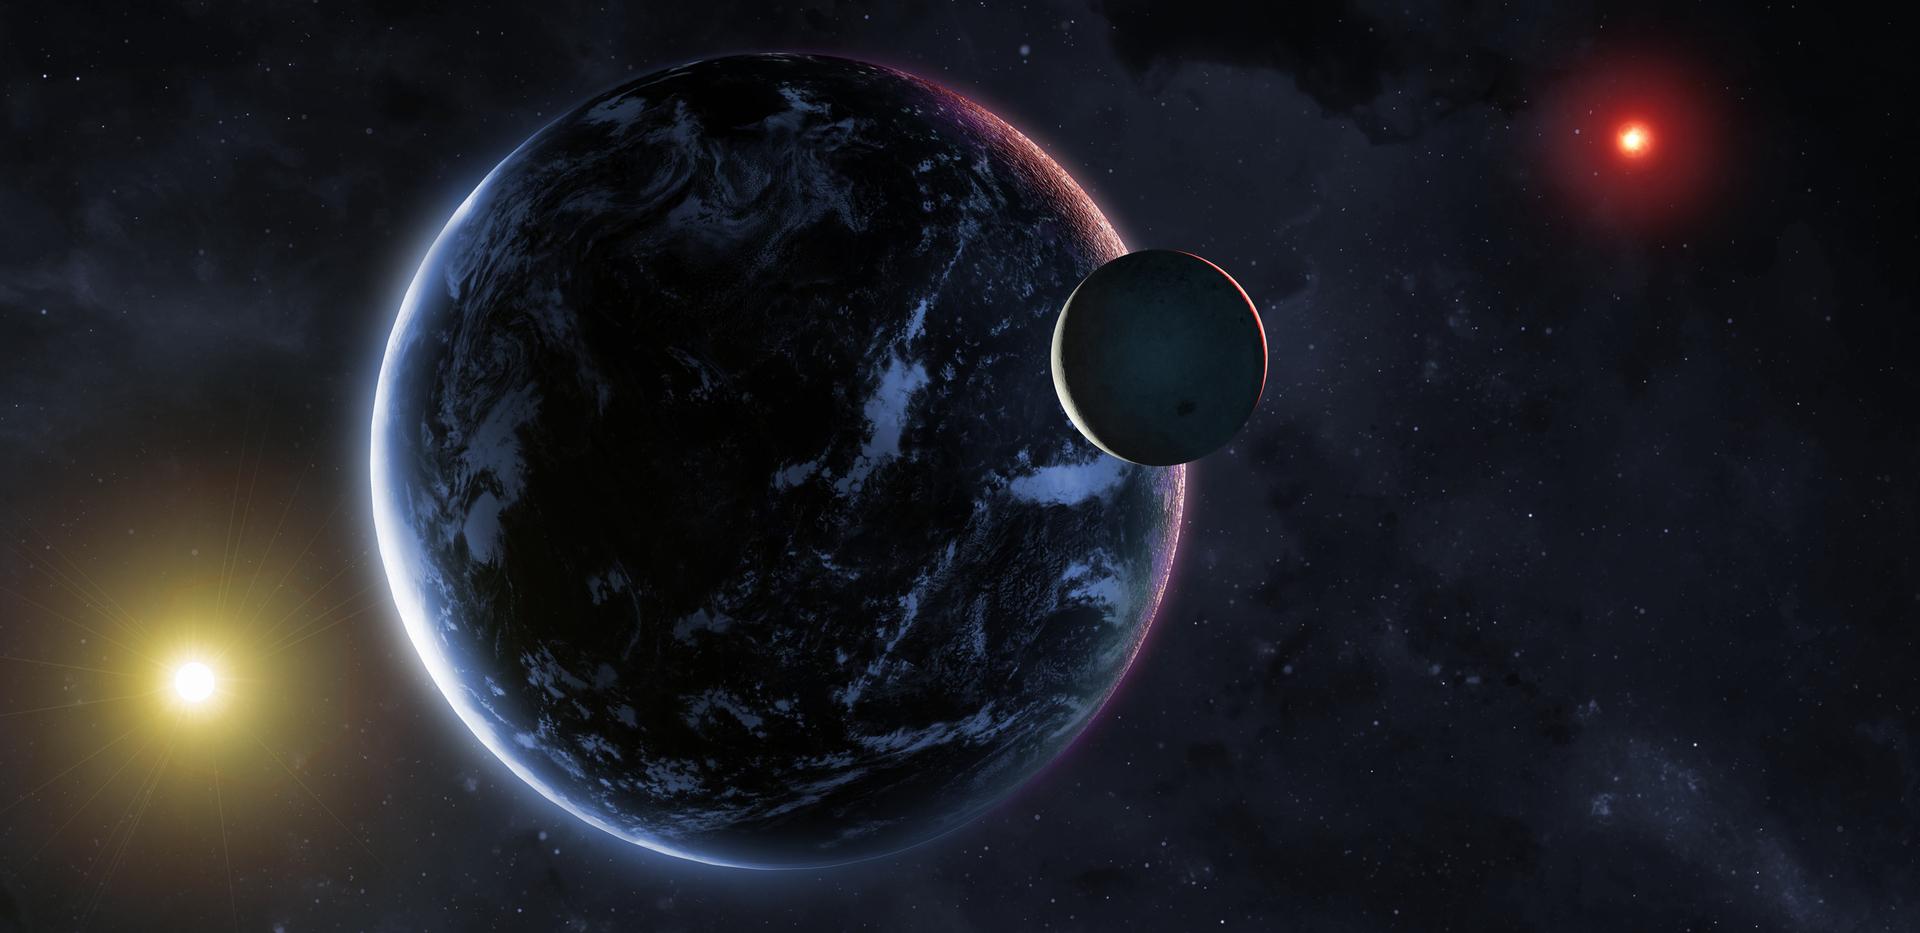 الأرض أمضت 500 مليون سنة من